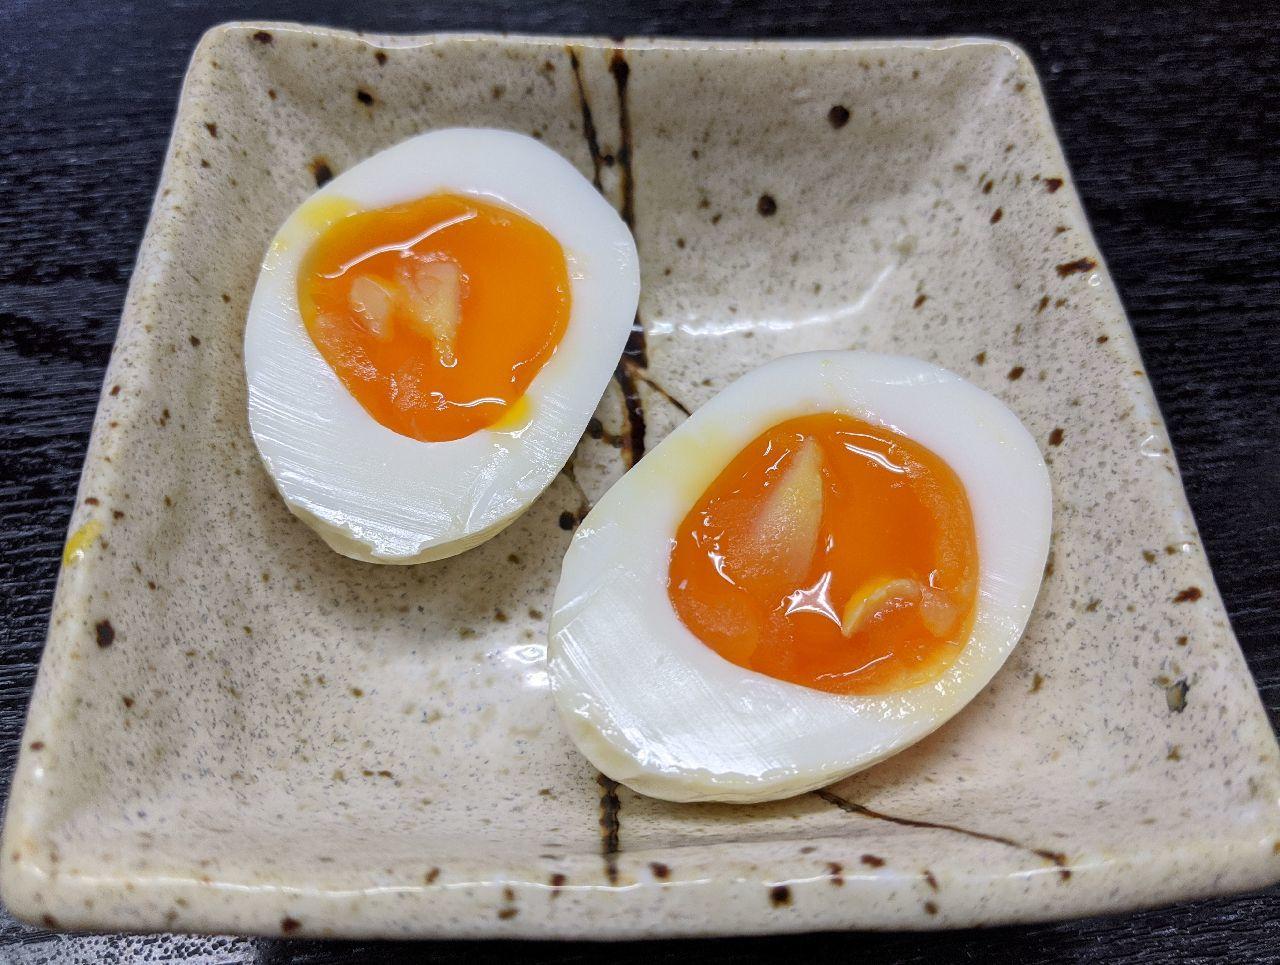 MVIMG_20200613_171220極上有精卵「さがみっこ」の塩麹漬け